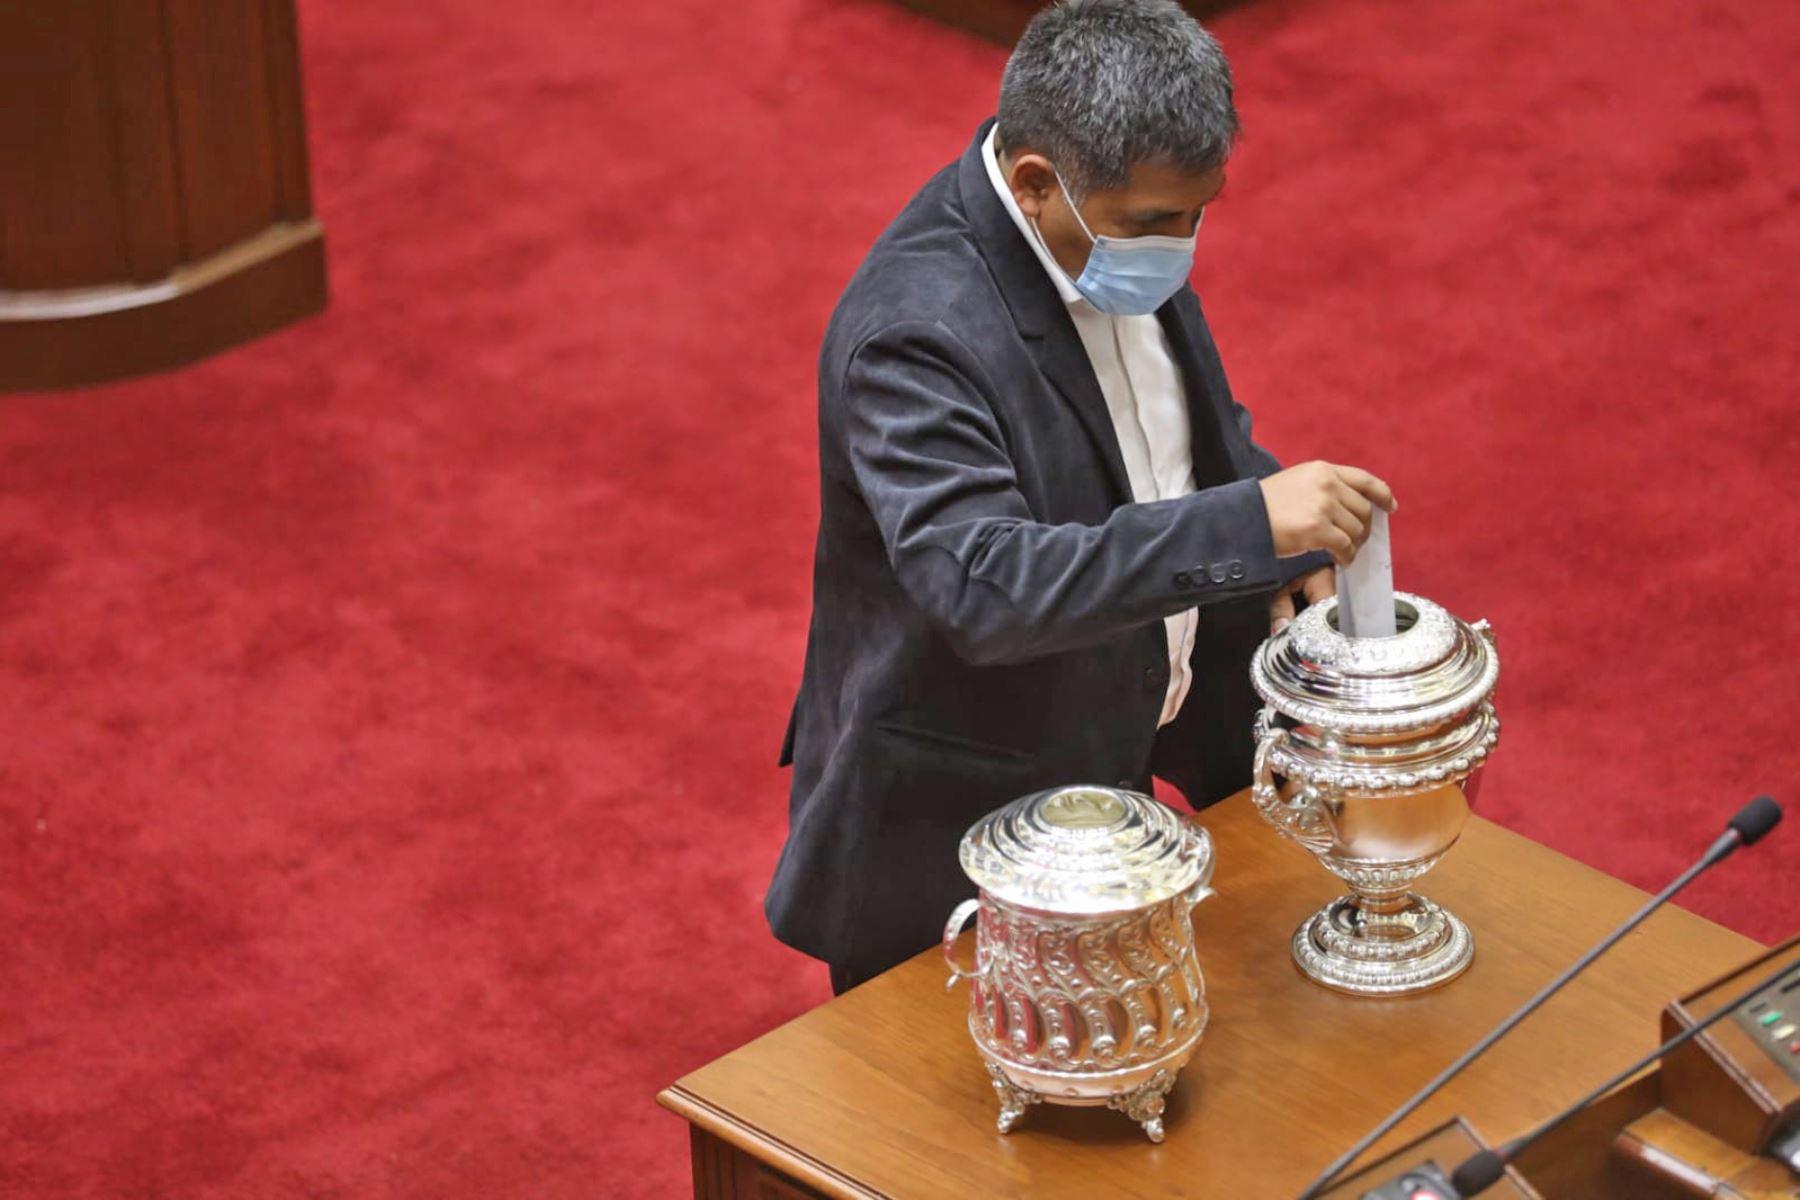 Presidente de la Junta Preparatoria, Jaime Quito (PL, durante la elección de los integrantes de la Mesa Directiva para el periodo legislativo 2021-2022. Foto: Congreso